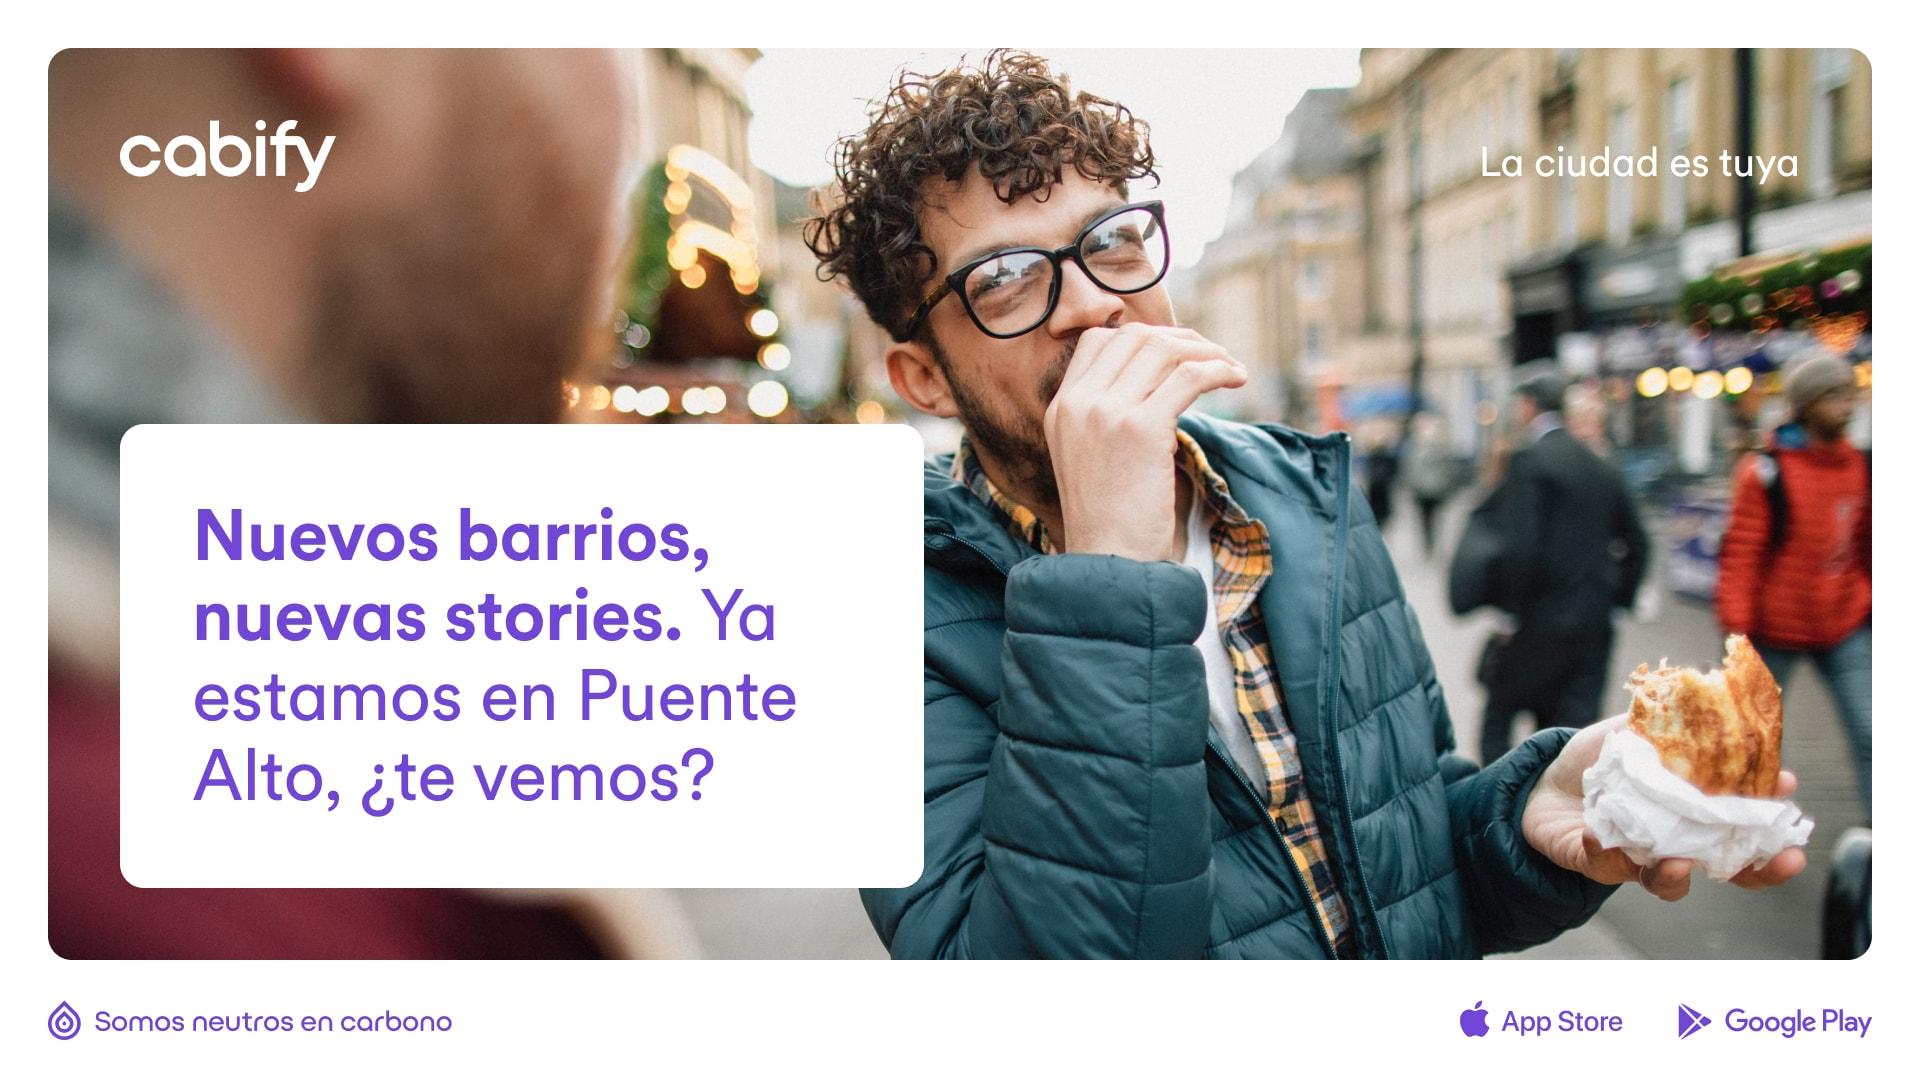 """Un anuncio con el texto """"Nuevos barrios, nuevas stories. ya estamos en Puente Alto, ¿te vemos? y la foto de fondo de un chico comiendo comida en la calle"""